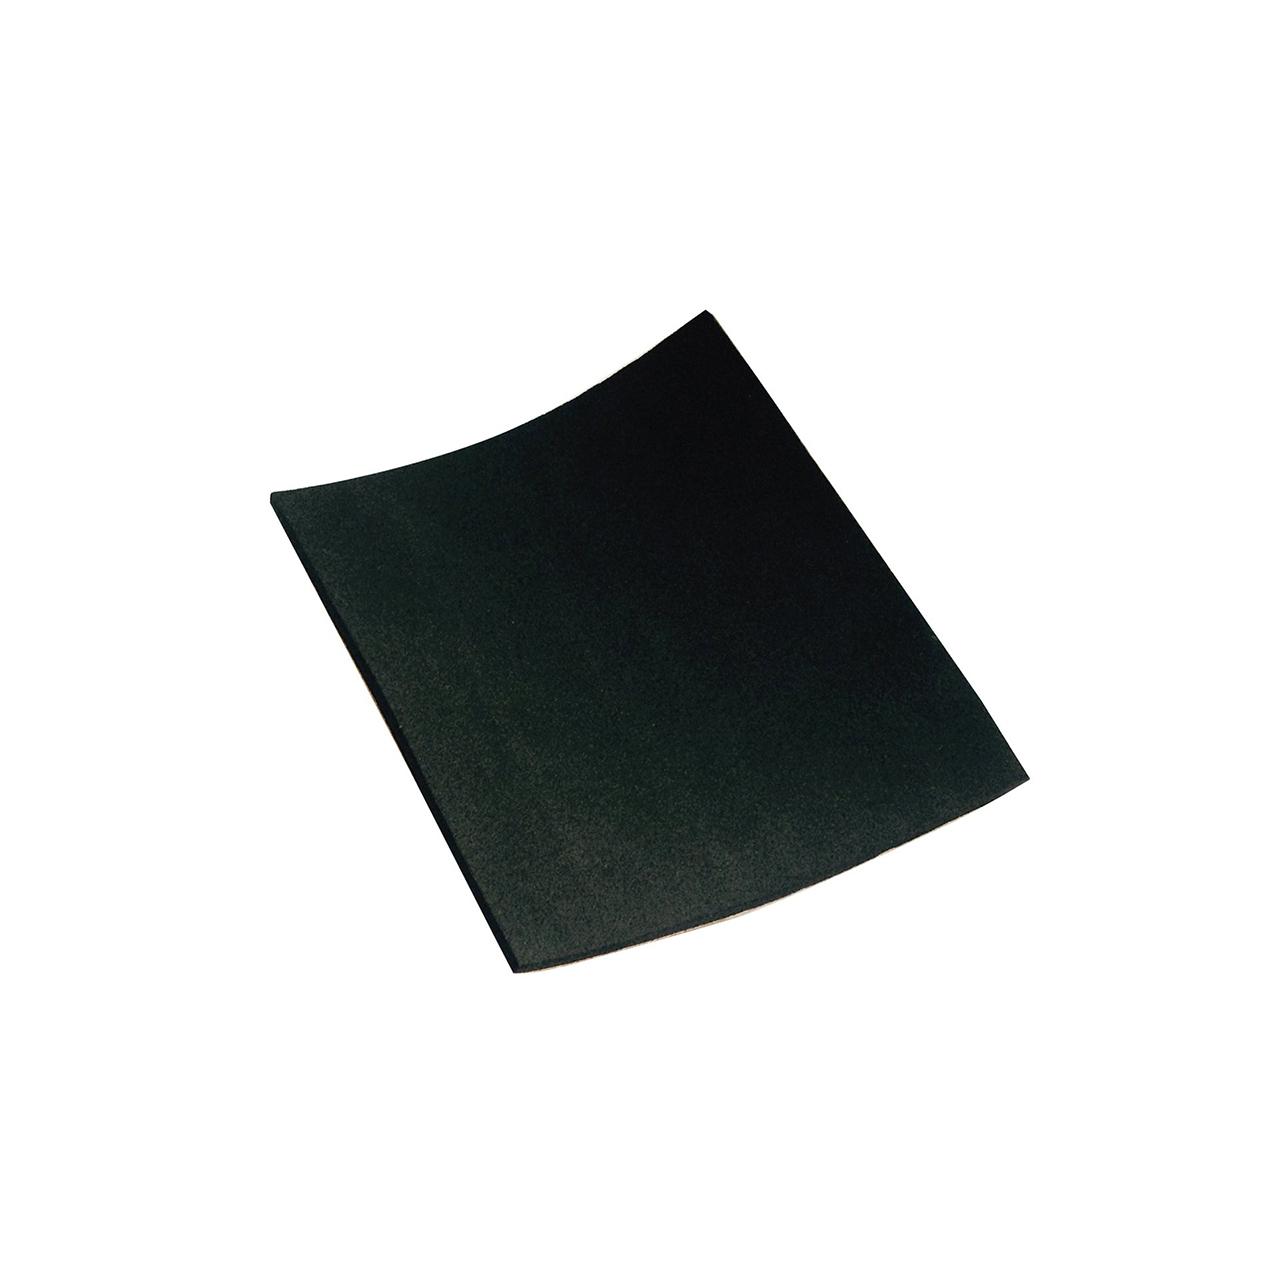 ANTISCIV MUSSIT EPDM NR 85X100 PZ1